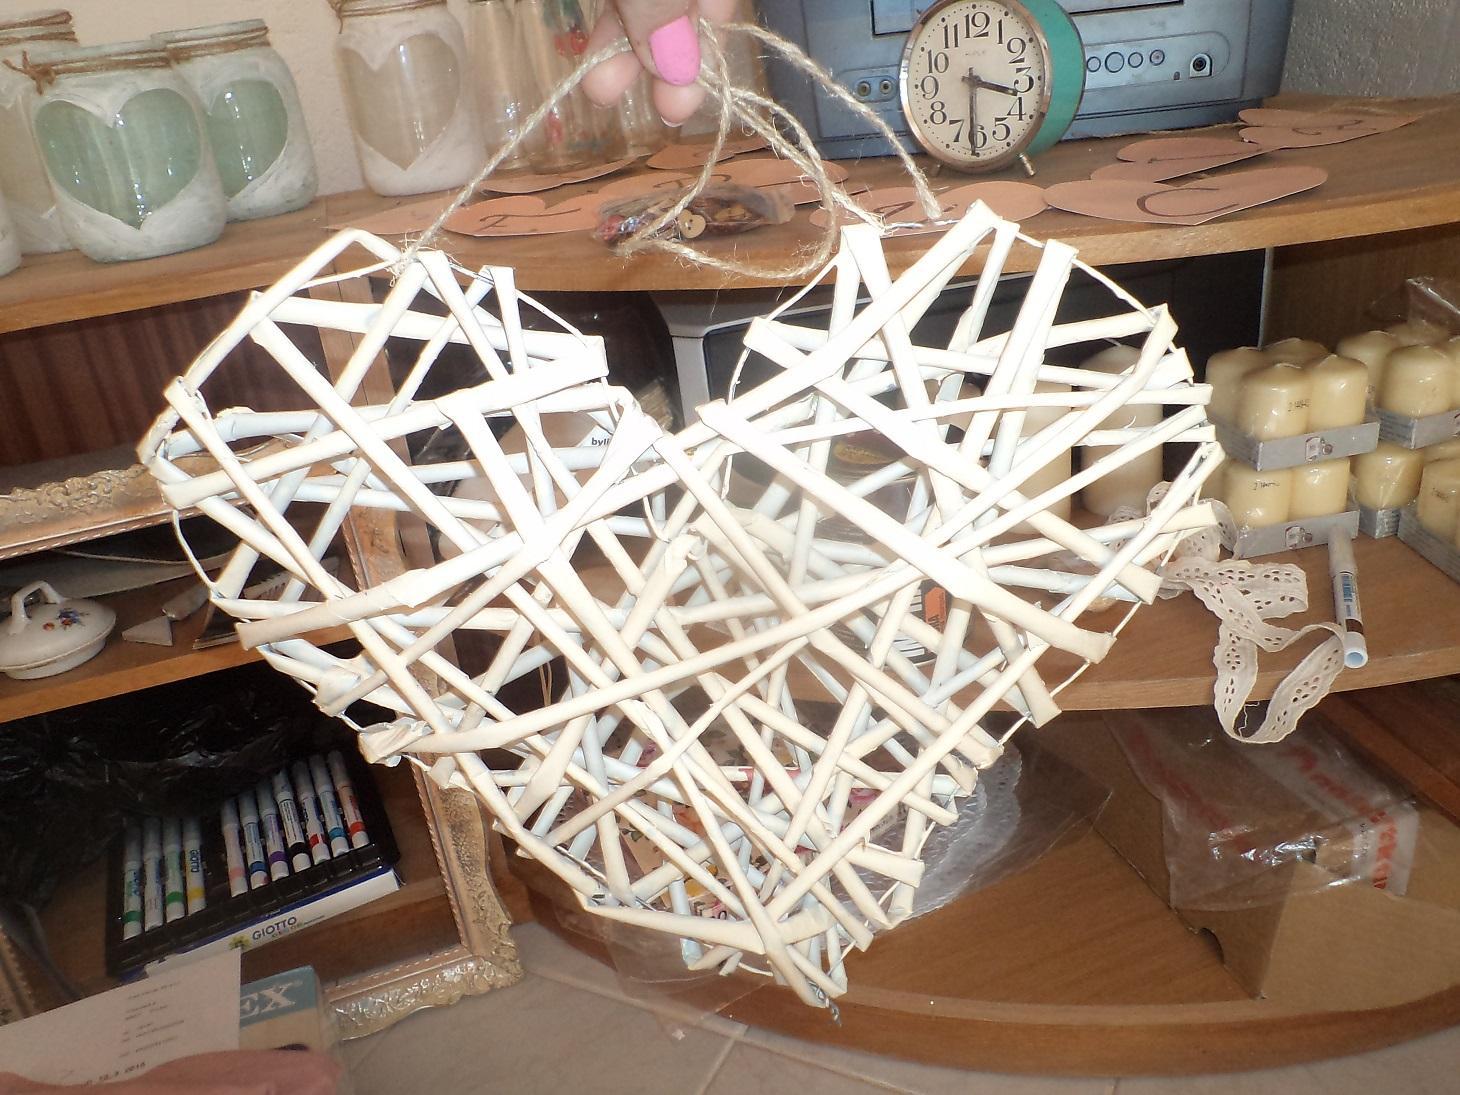 Predstavujem si & tvorím - skúška papierového pletenia, naživo to vyzerá fajn, tak ešte pár urobím